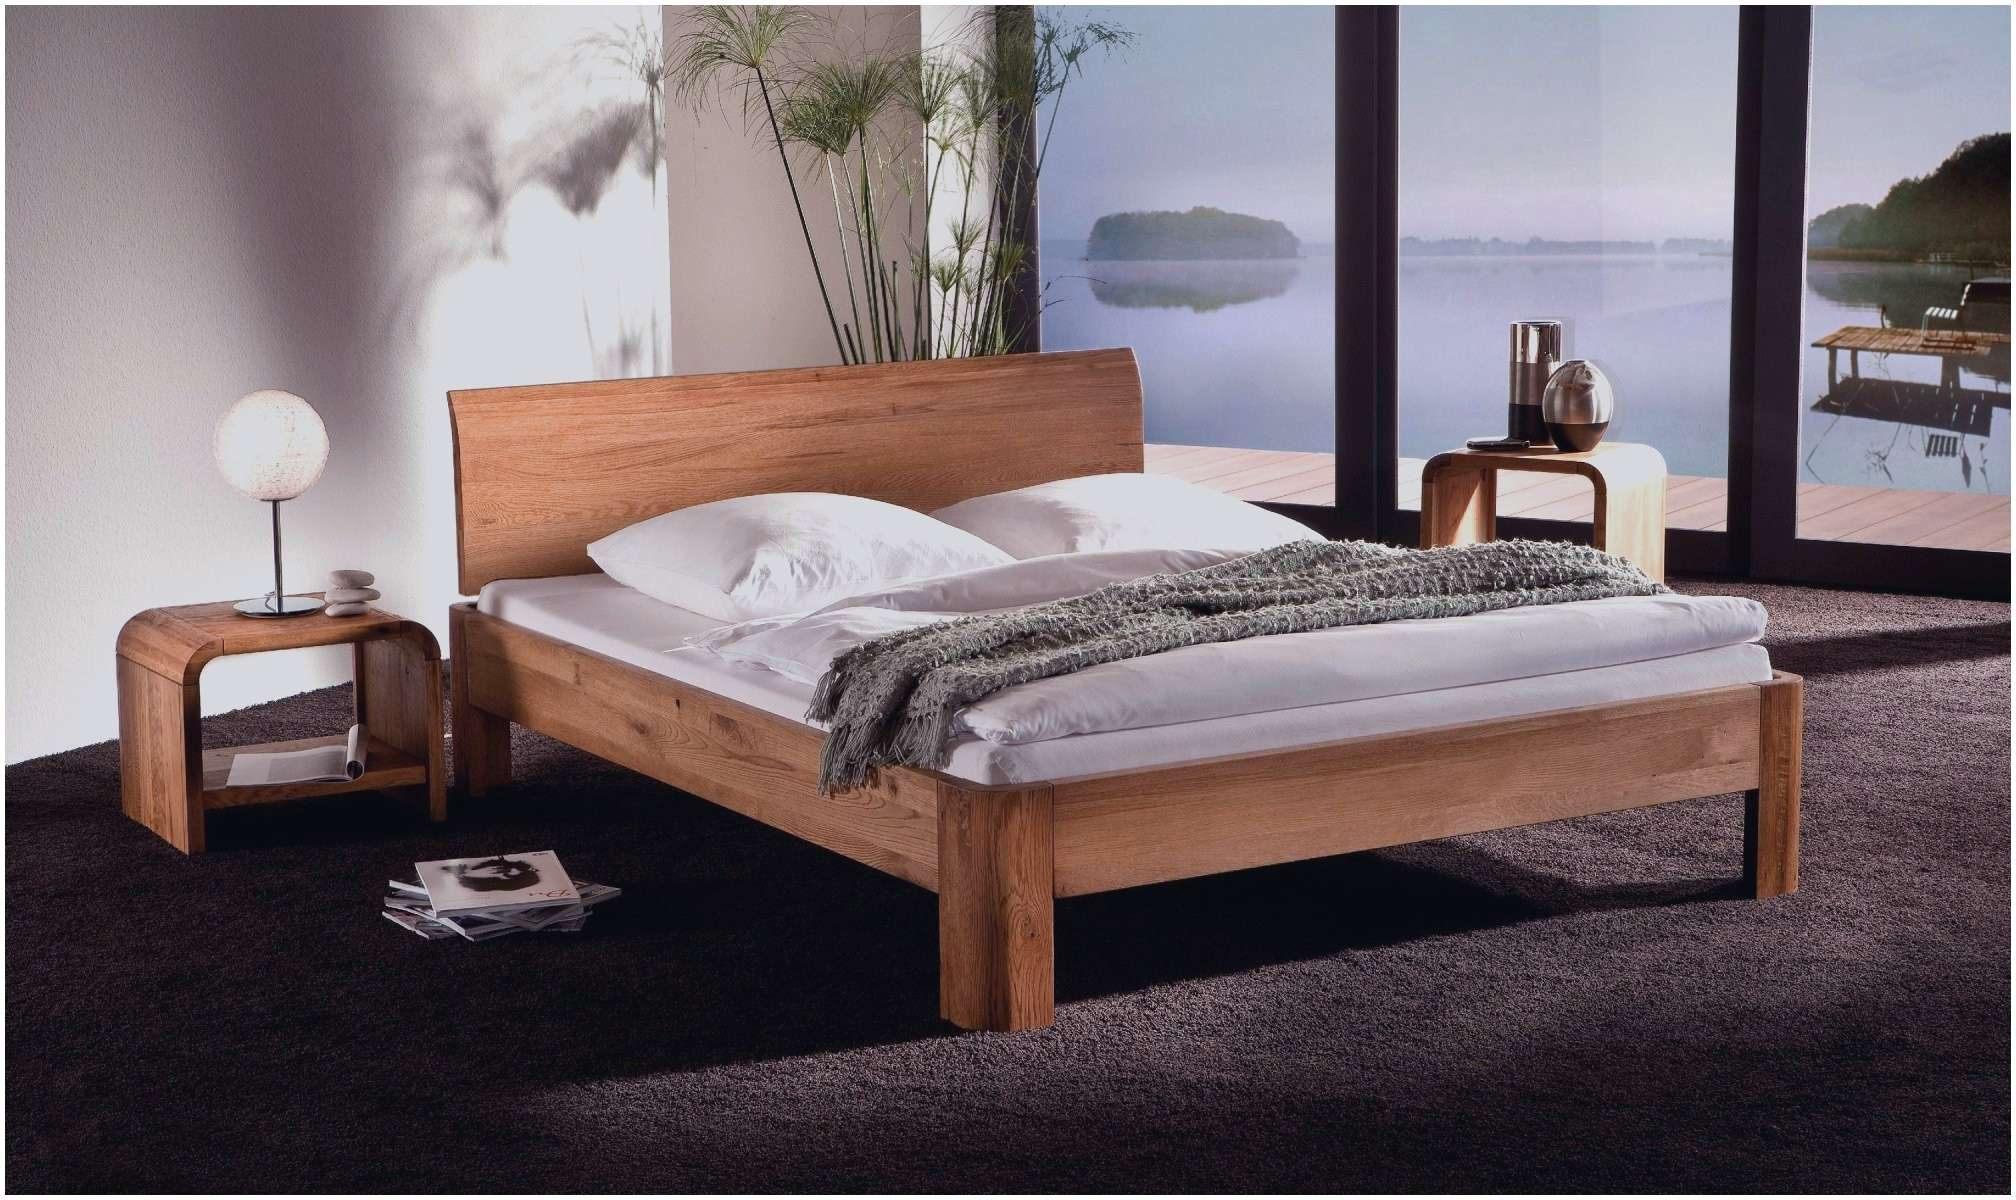 Tete De Lit 180 Ikea Douce Le Meilleur De Lit Design 160—200 Prodigous Image Tate De Lit Bois